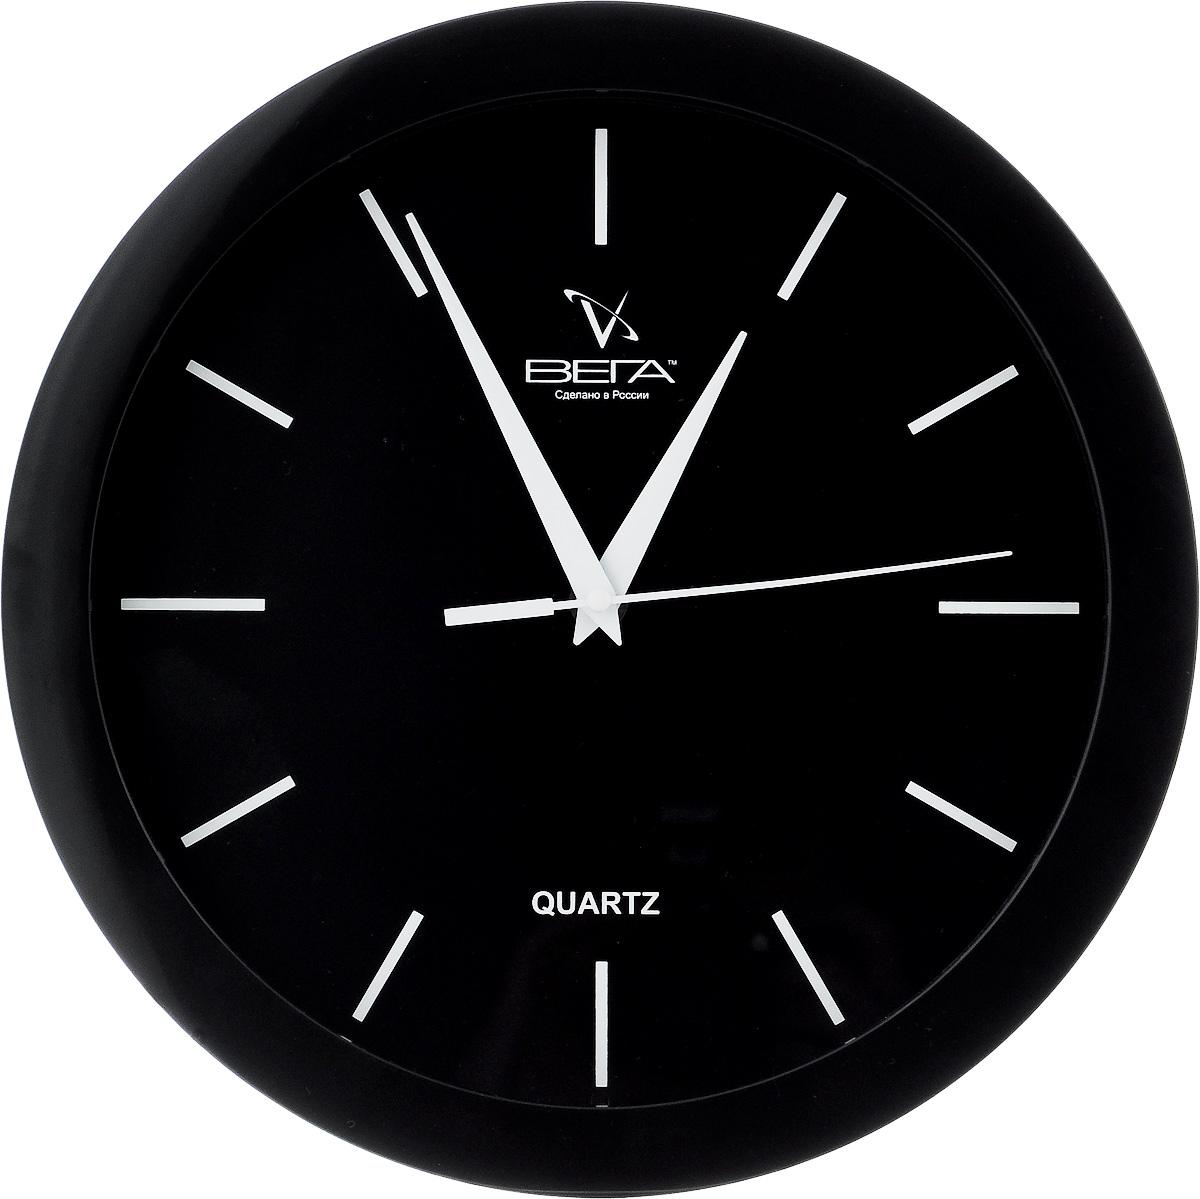 Часы настенные Вега Белые риски, цвет: черный, диаметр 28,5 см94672Настенные кварцевые часы Вега Белые риски, изготовленные из пластика, прекрасно впишутся в интерьер вашего дома. Круглые часы имеют три стрелки: часовую, минутную и секундную, циферблат защищен прозрачным стеклом. Часы работают от 1 батарейки типа АА напряжением 1,5 В (не входит в комплект). Диаметр часов: 28,5 см.